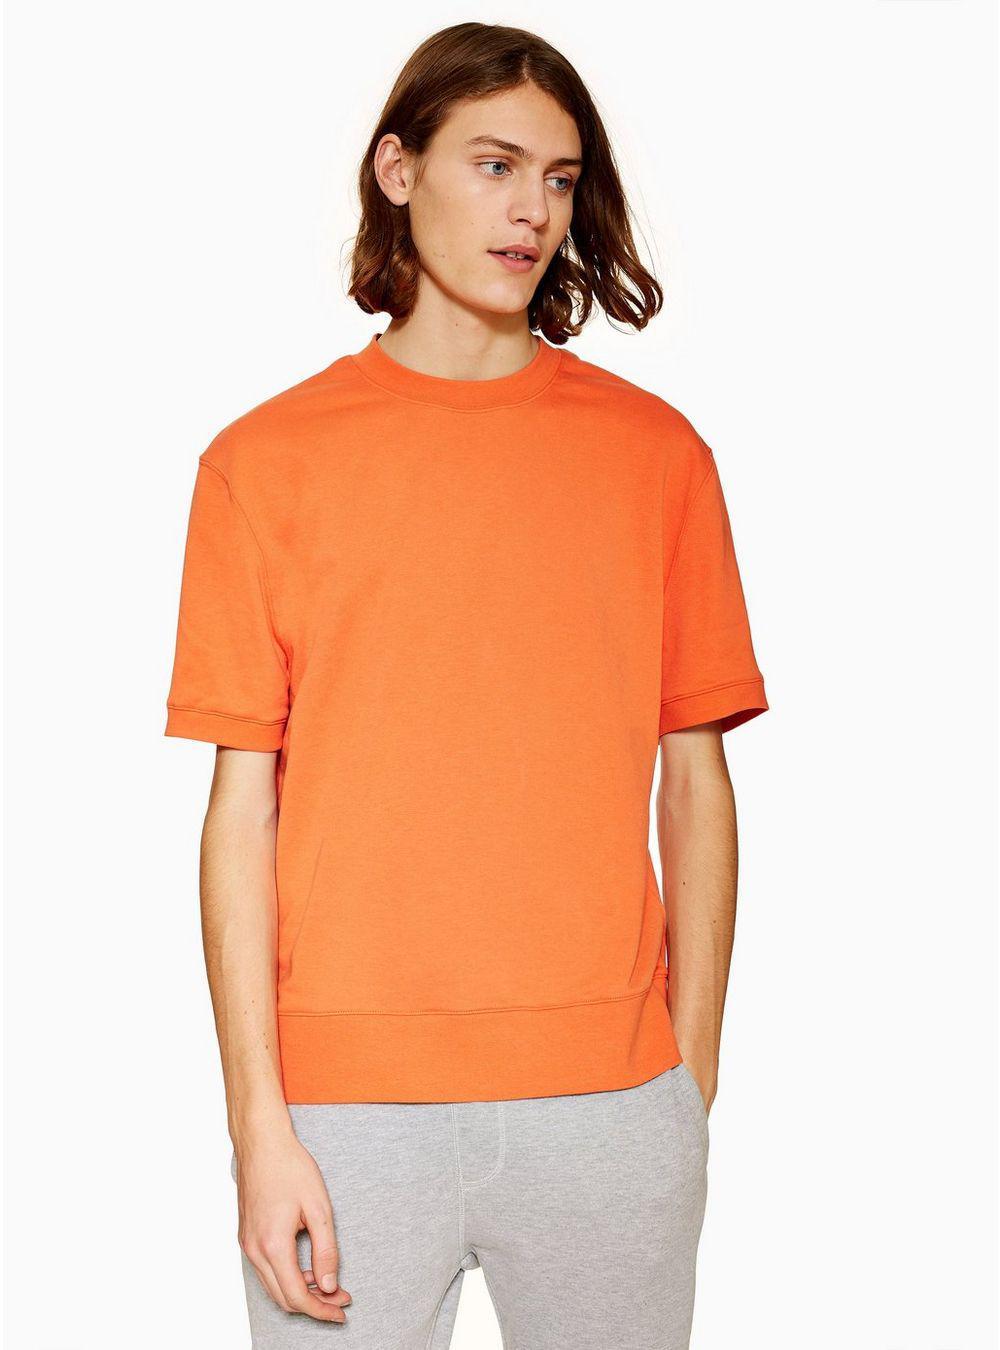 f3550cff Topman Orange Short Sleeve Sweatshirt in Orange for Men - Lyst